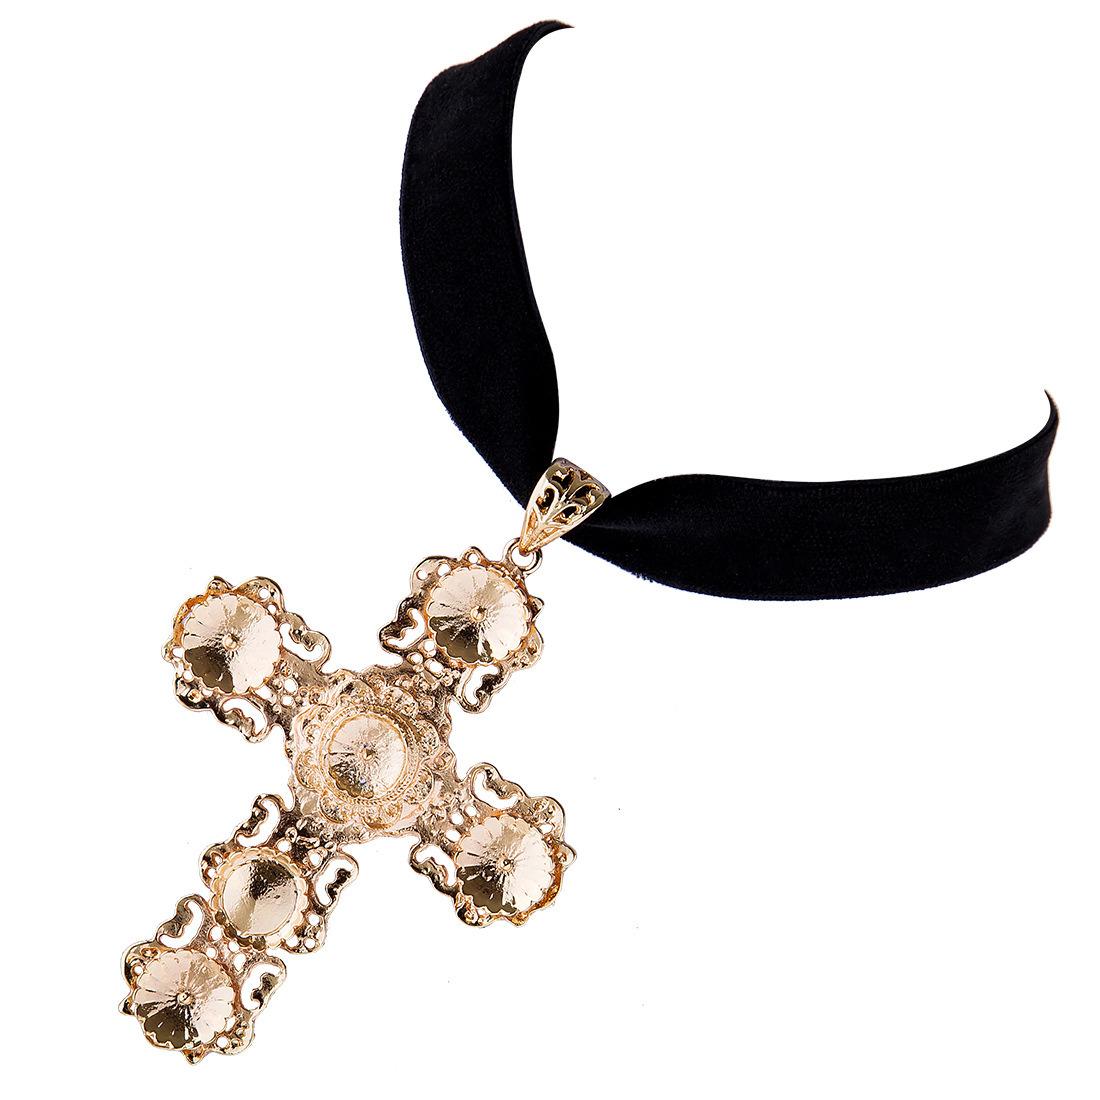 Fashion Female Short Golden Cross Crystal Pendant Velvet Choker Necklace Jewelry